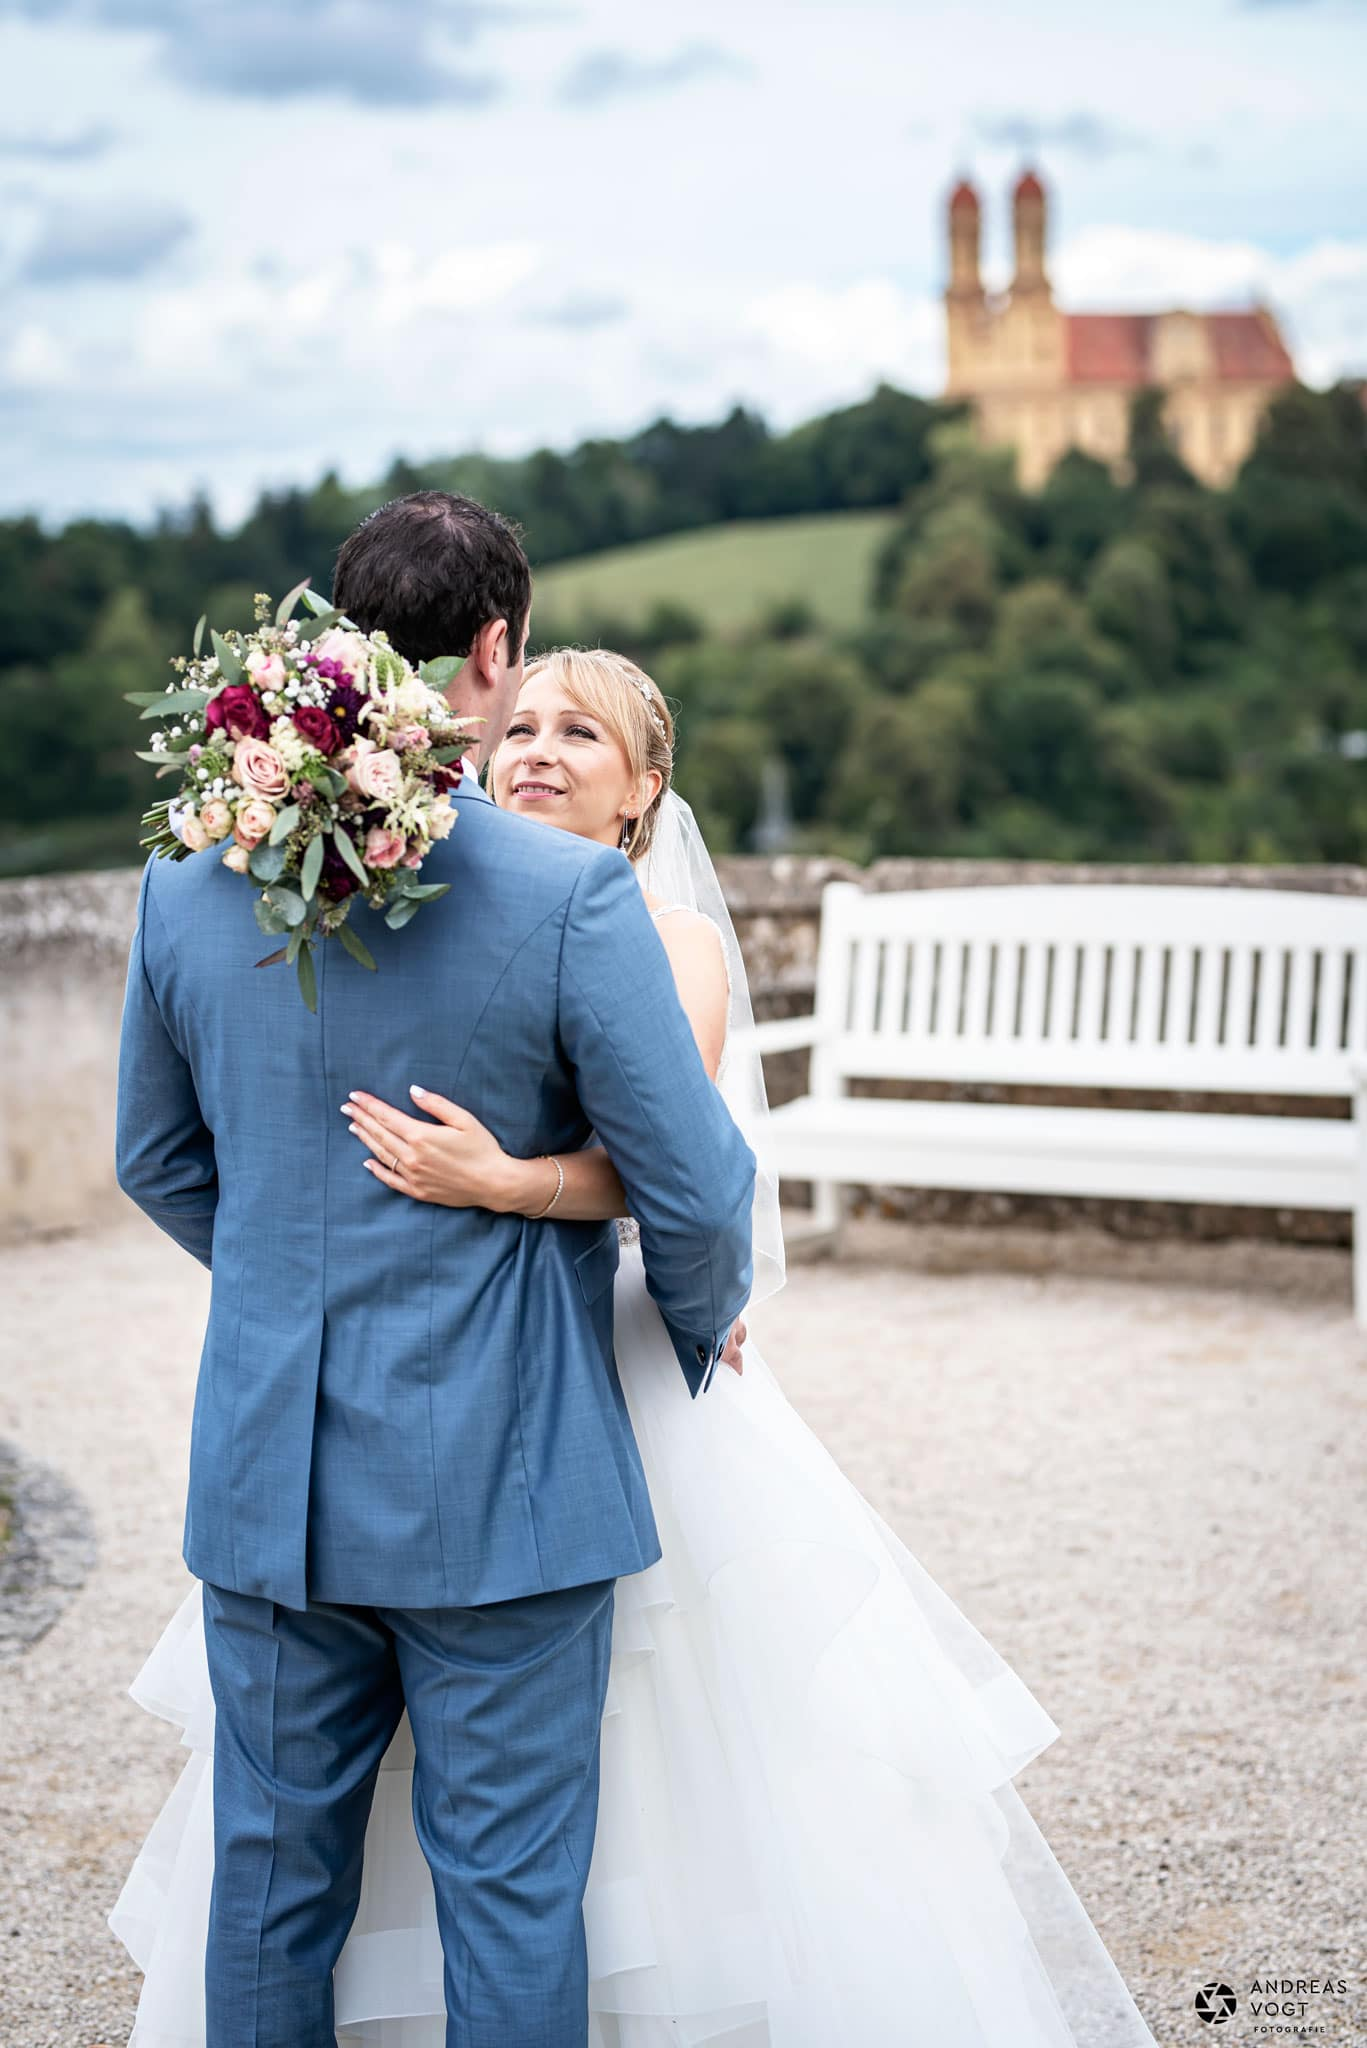 Hochzeitsfotos kirchliche Trauung in Ellwangen Andreas Vogt Fotografie